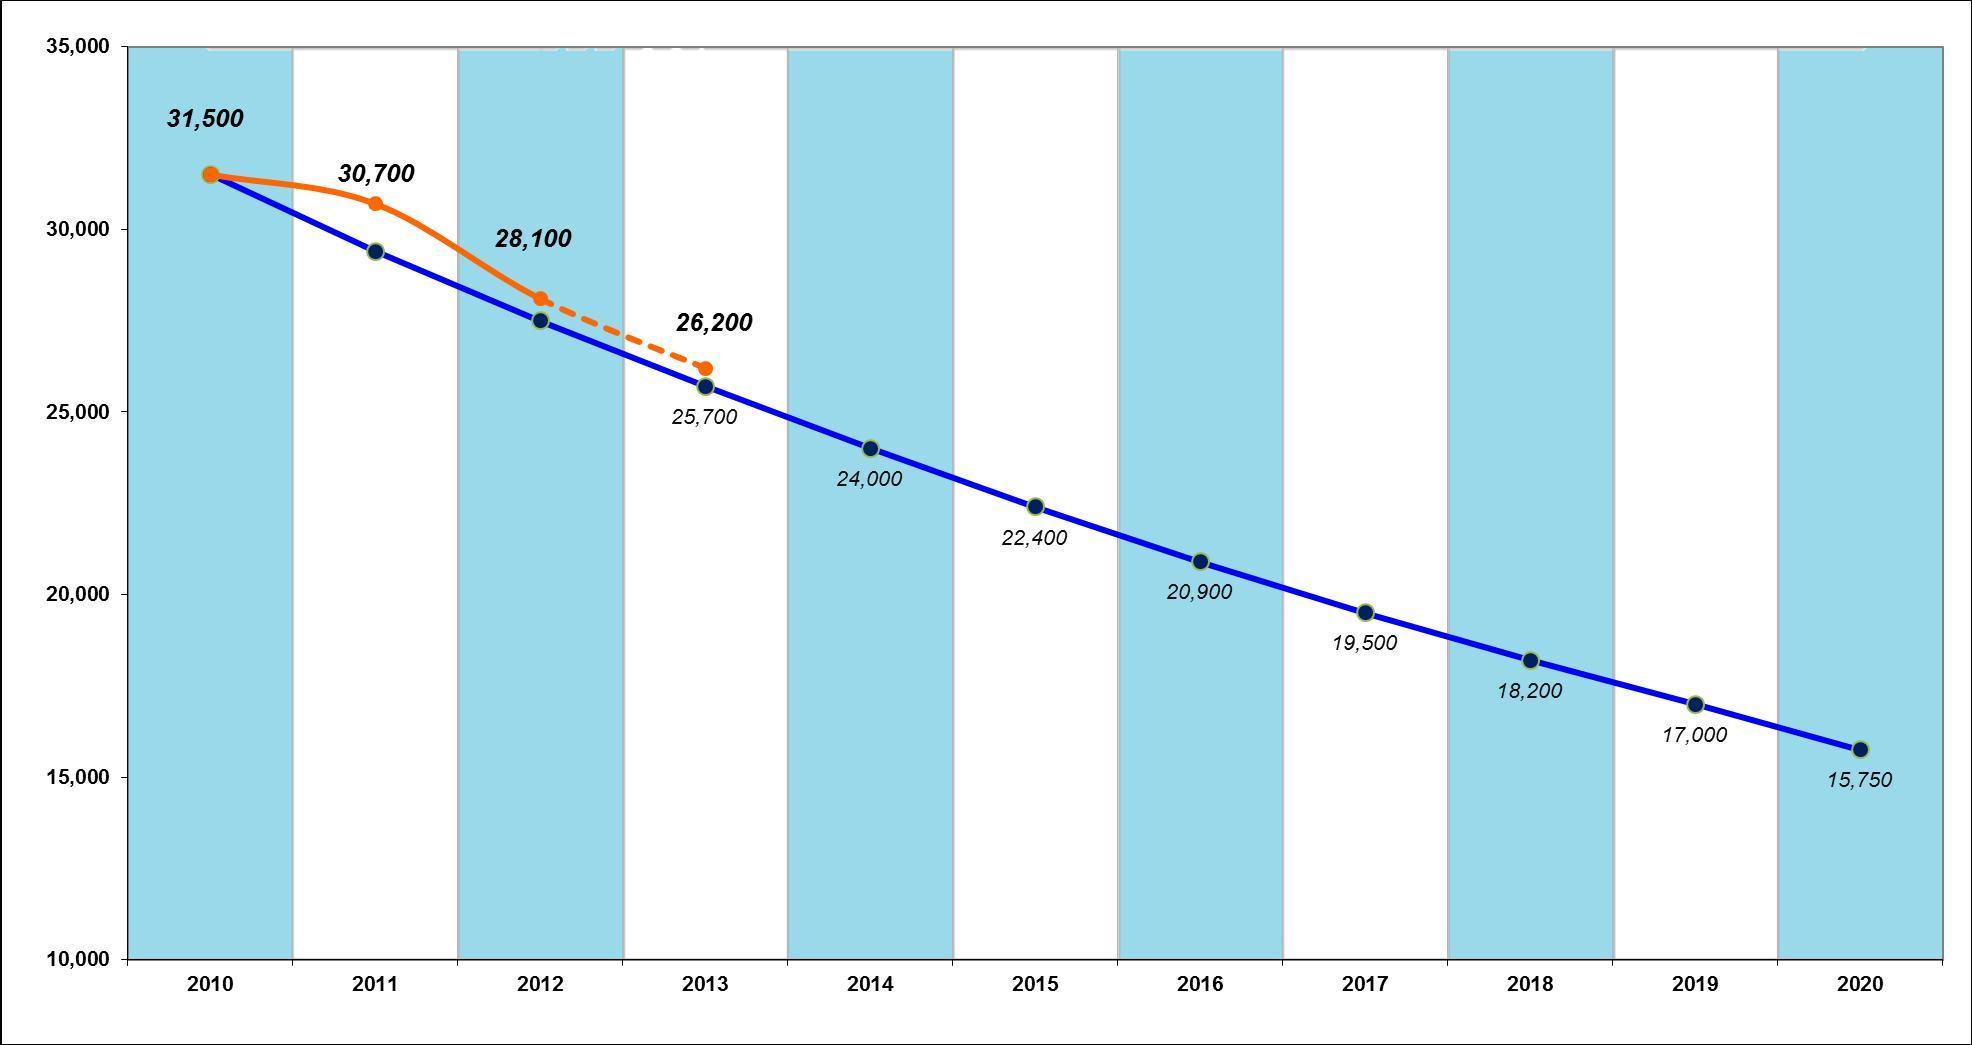 Linia albastră marchează ţinta UE în ceea ce priveşte numărul de decese provocate de accidente rutiere